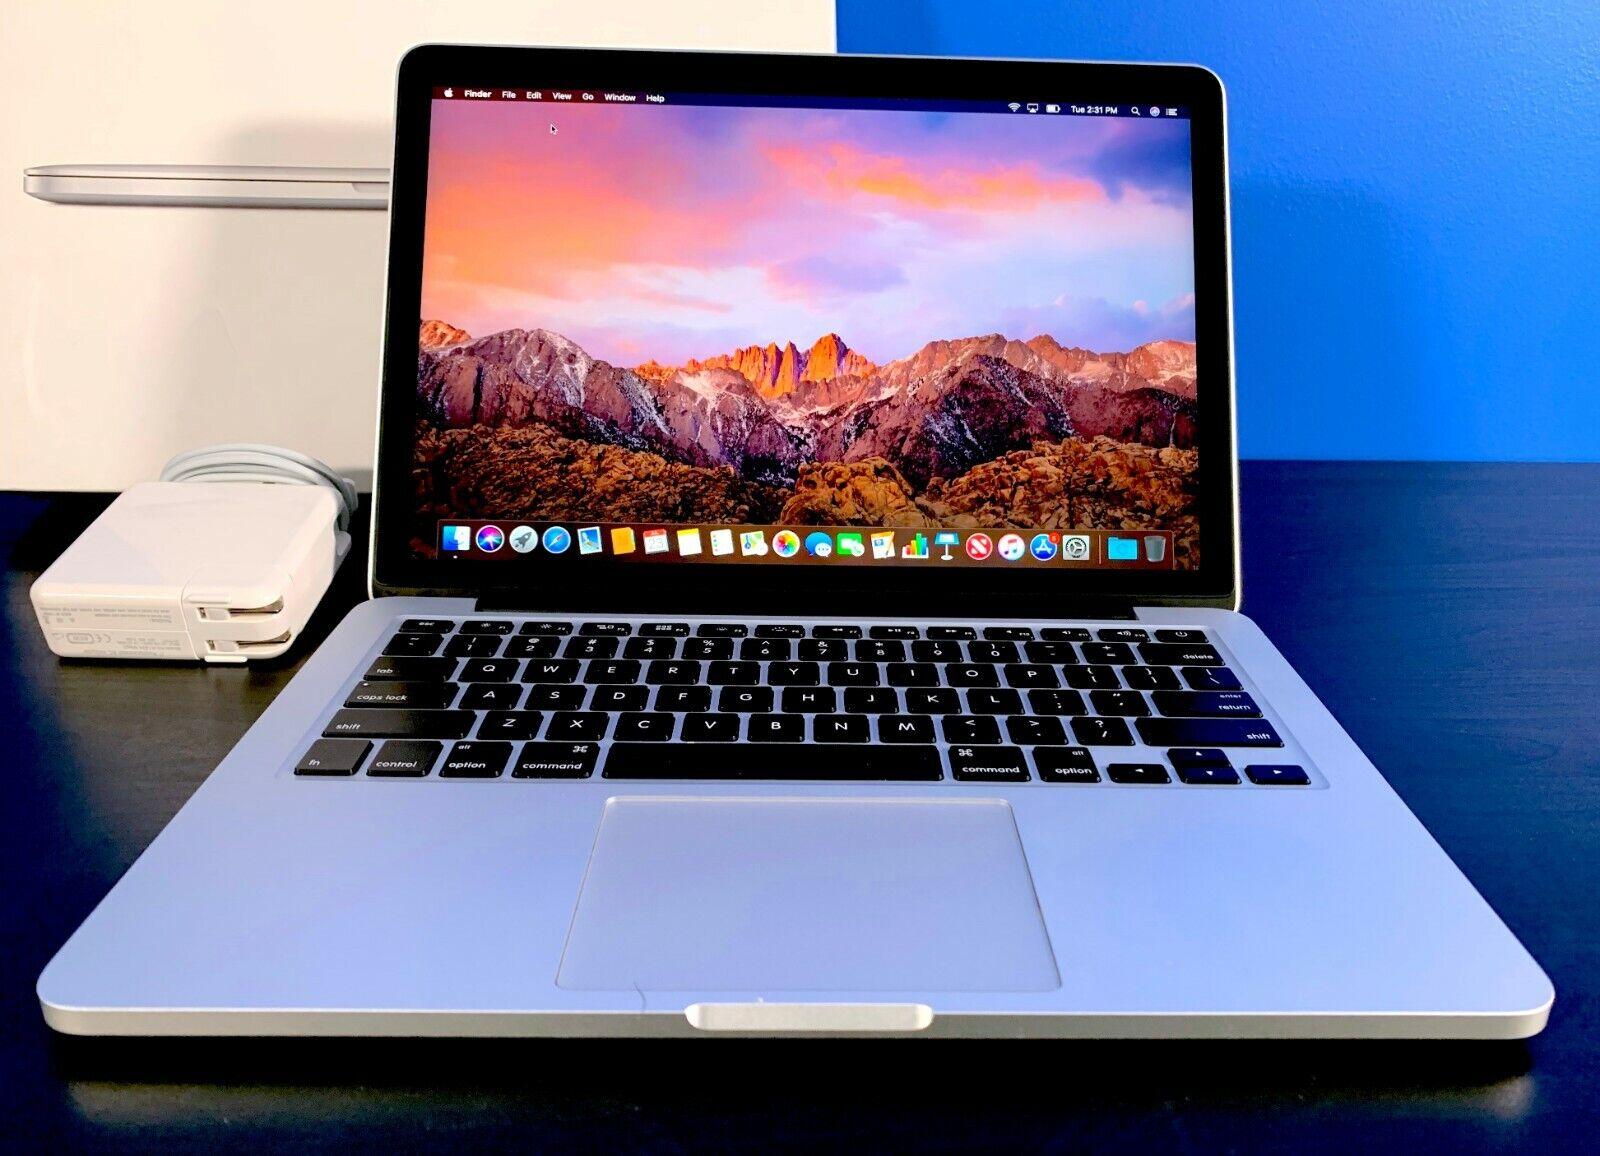 Apple MacBook Pro 13 RETINA / OSX-2019 / 3.1GHZ / 256GB SSD / 2 YEAR WARRANTY. Buy it now for 699.00